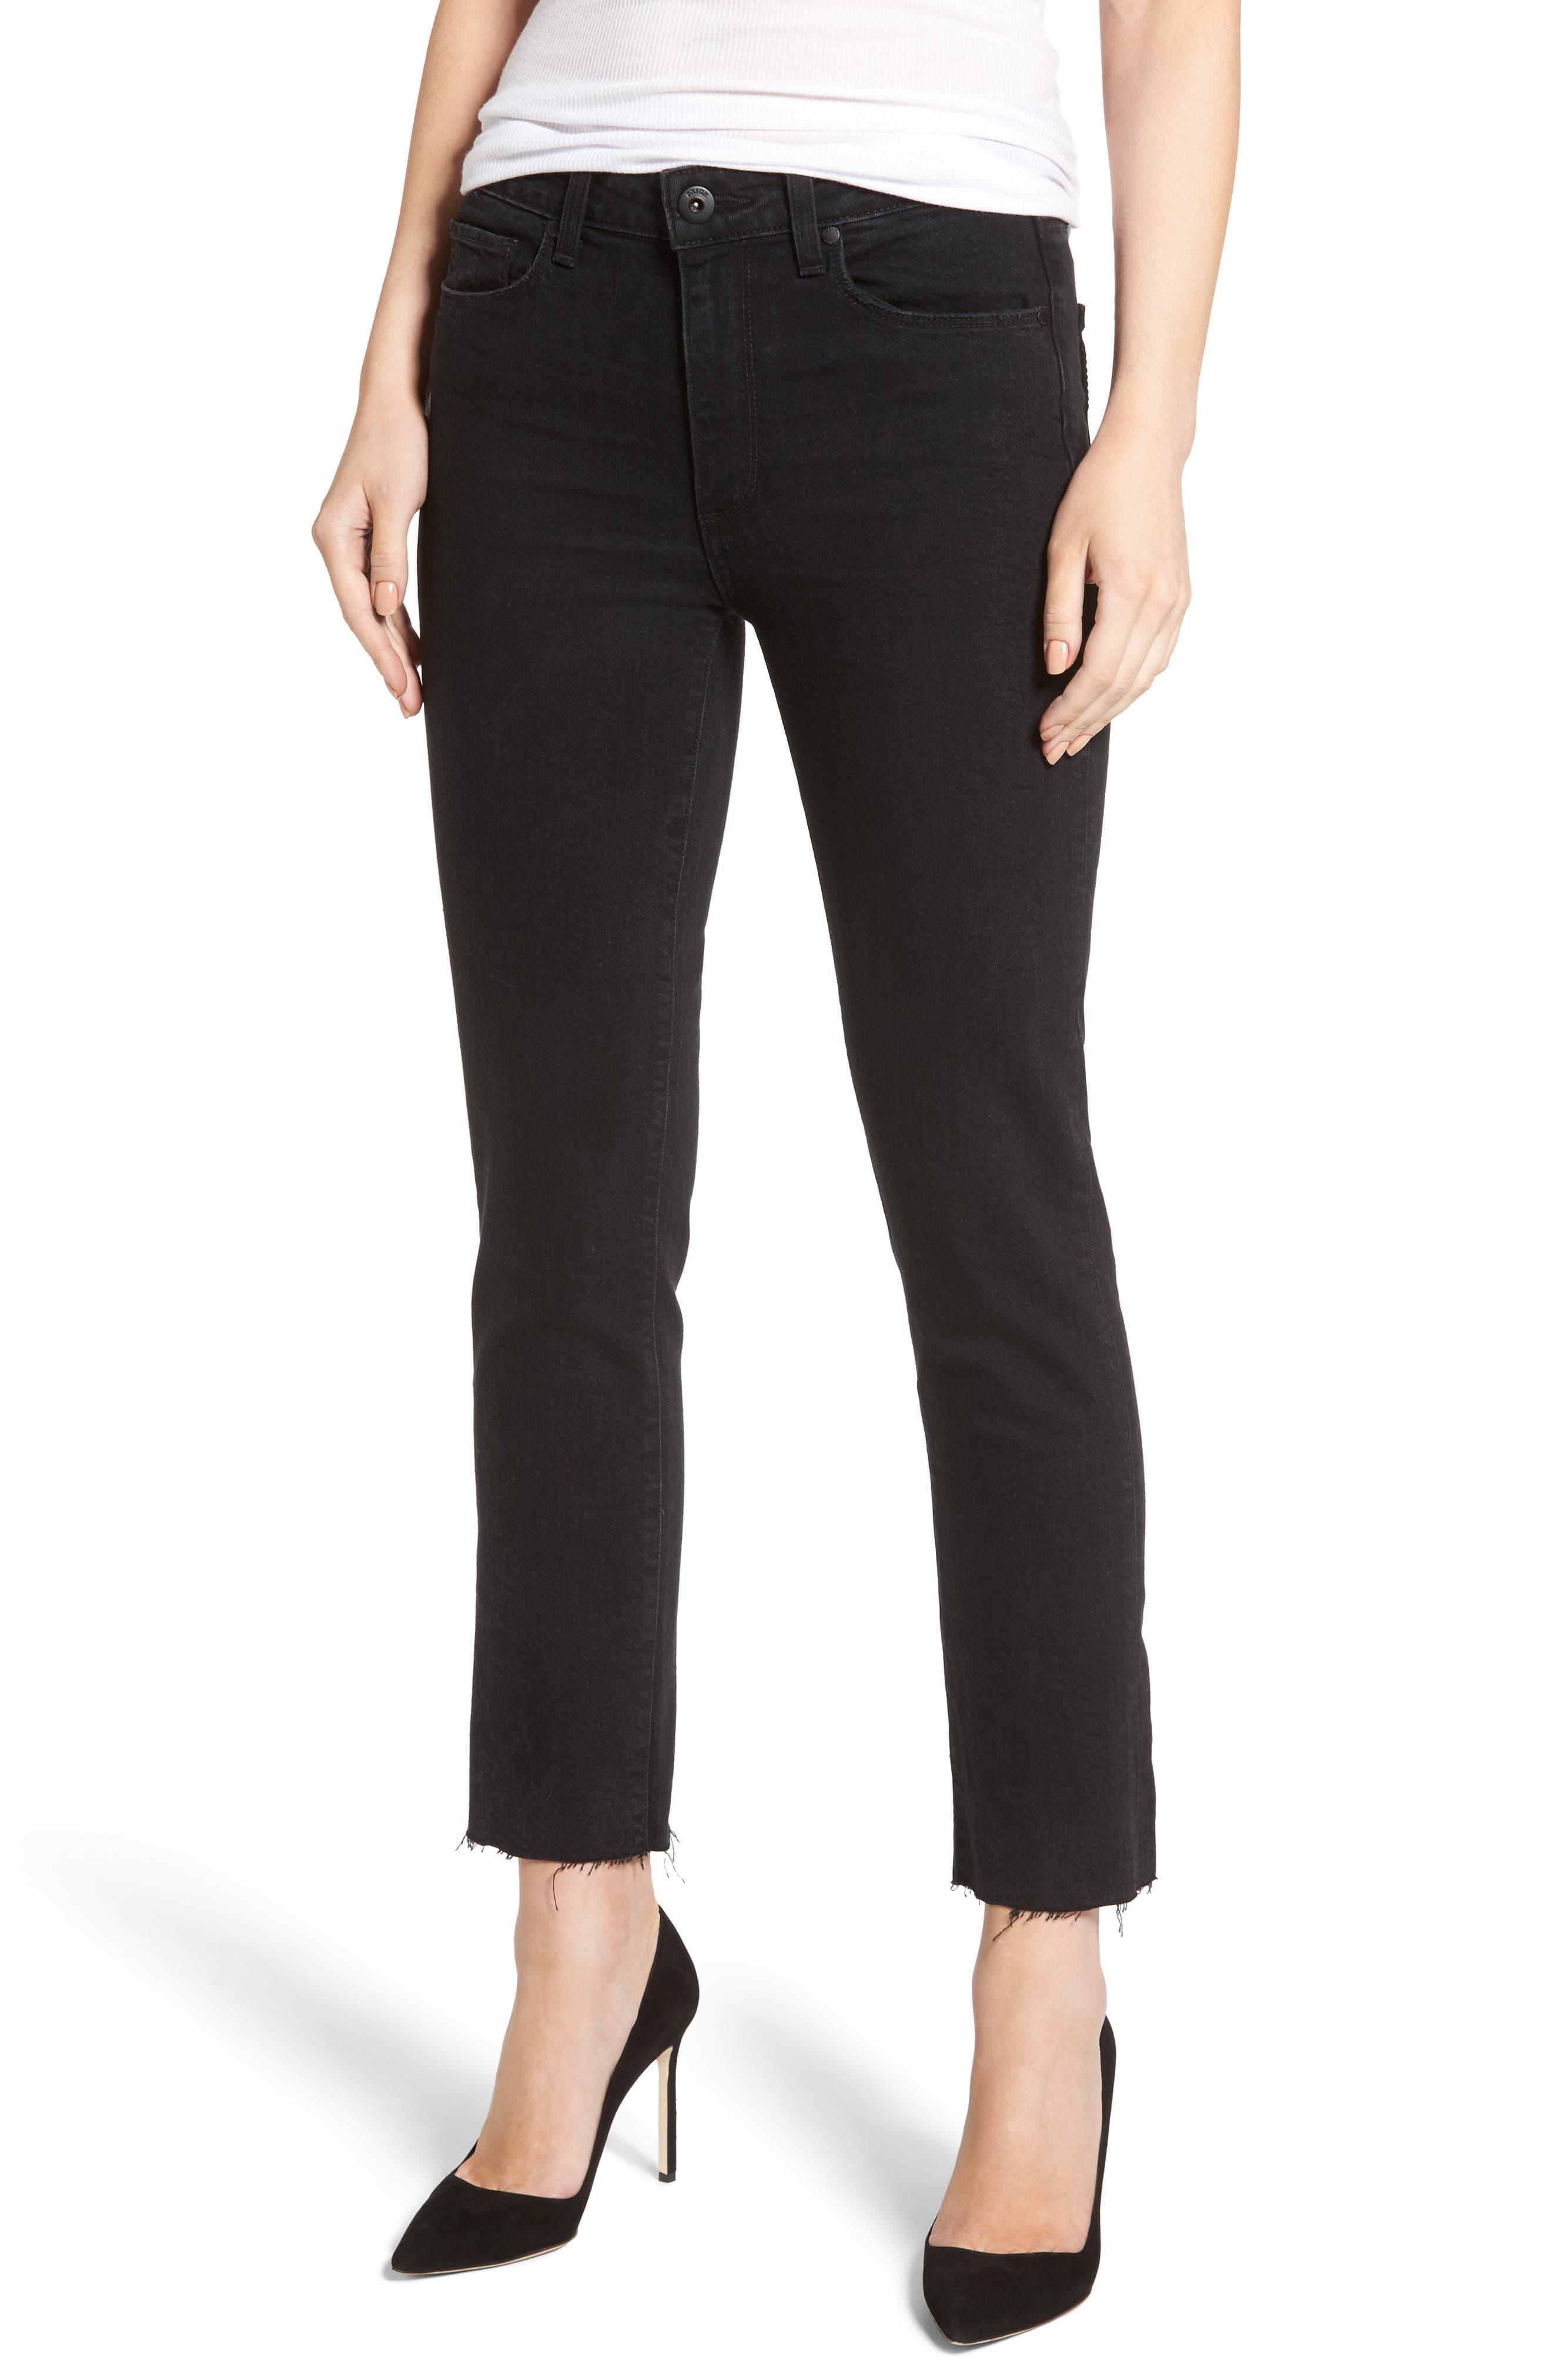 Jacqueline High Waist Crop Straight Leg Jeans,                             Main thumbnail 1, color,                             001